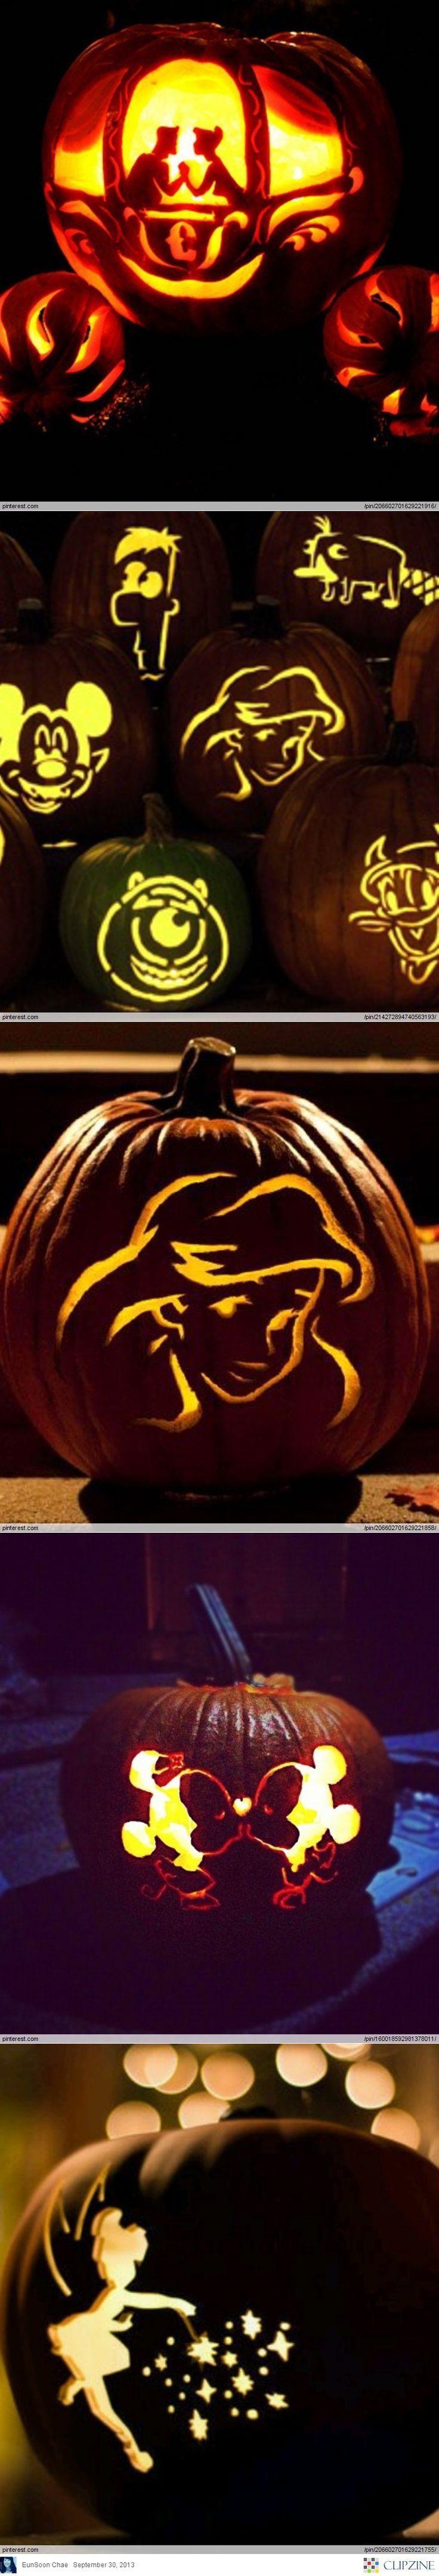 Best 25+ Cute pumpkin carving ideas on Pinterest